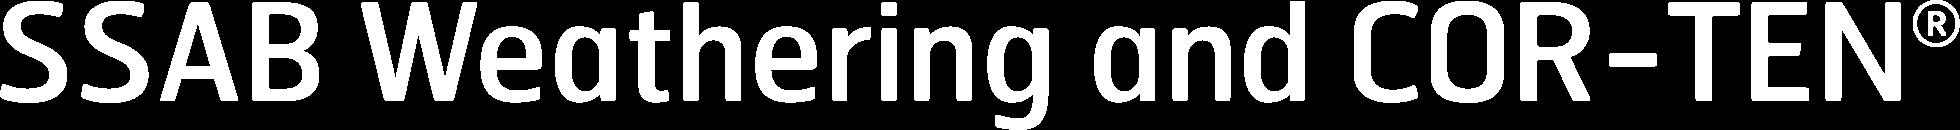 SSAB Weathering logo white